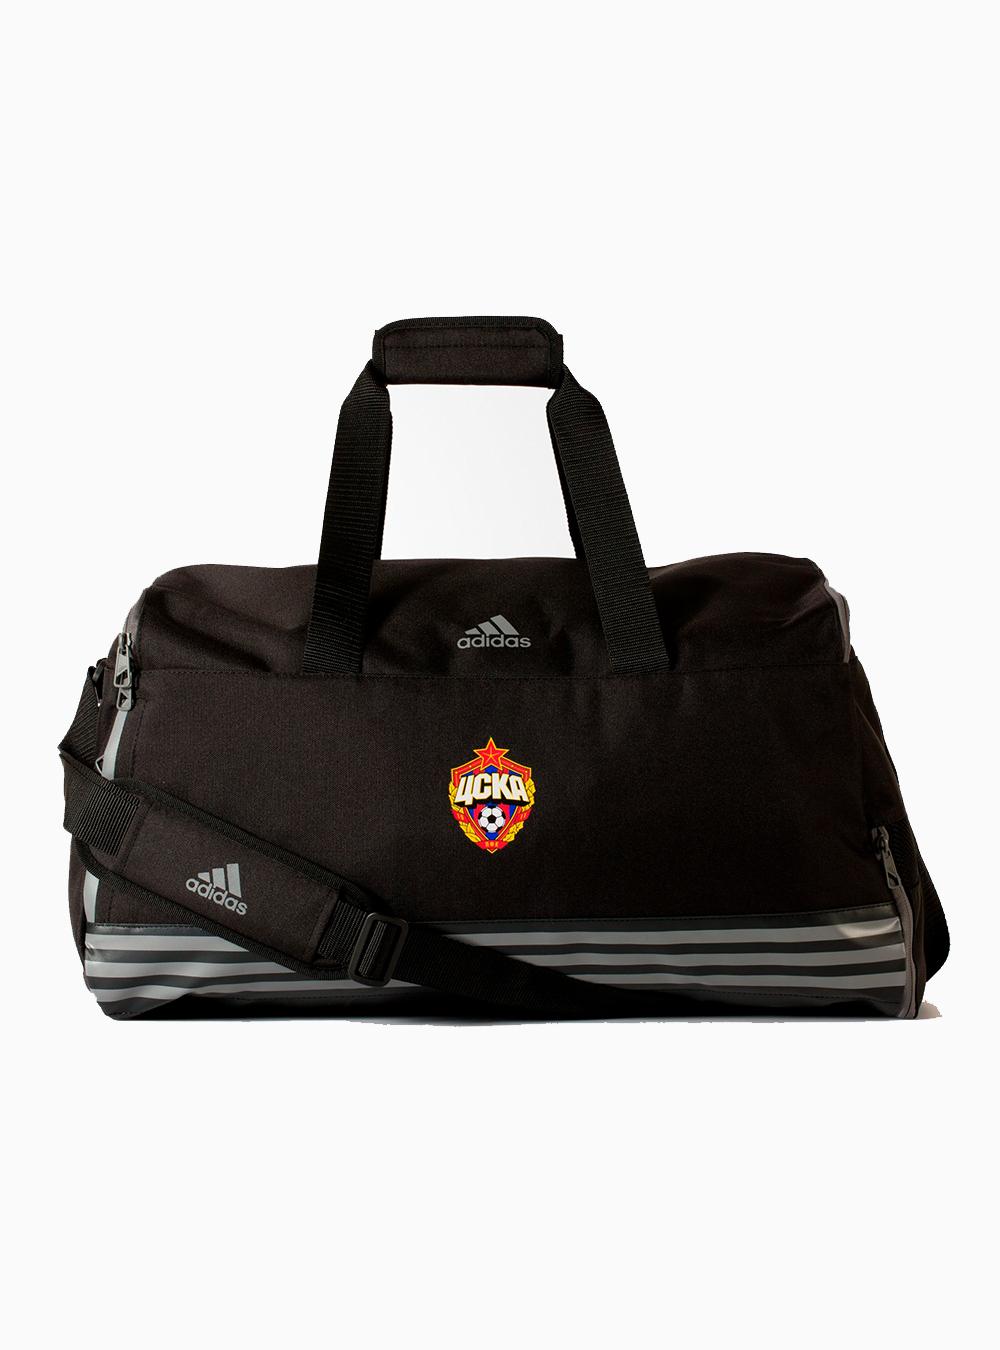 Спортивная сумка (BR0820)Аксессуары<br>Спортивная сумка (BR0820)<br>